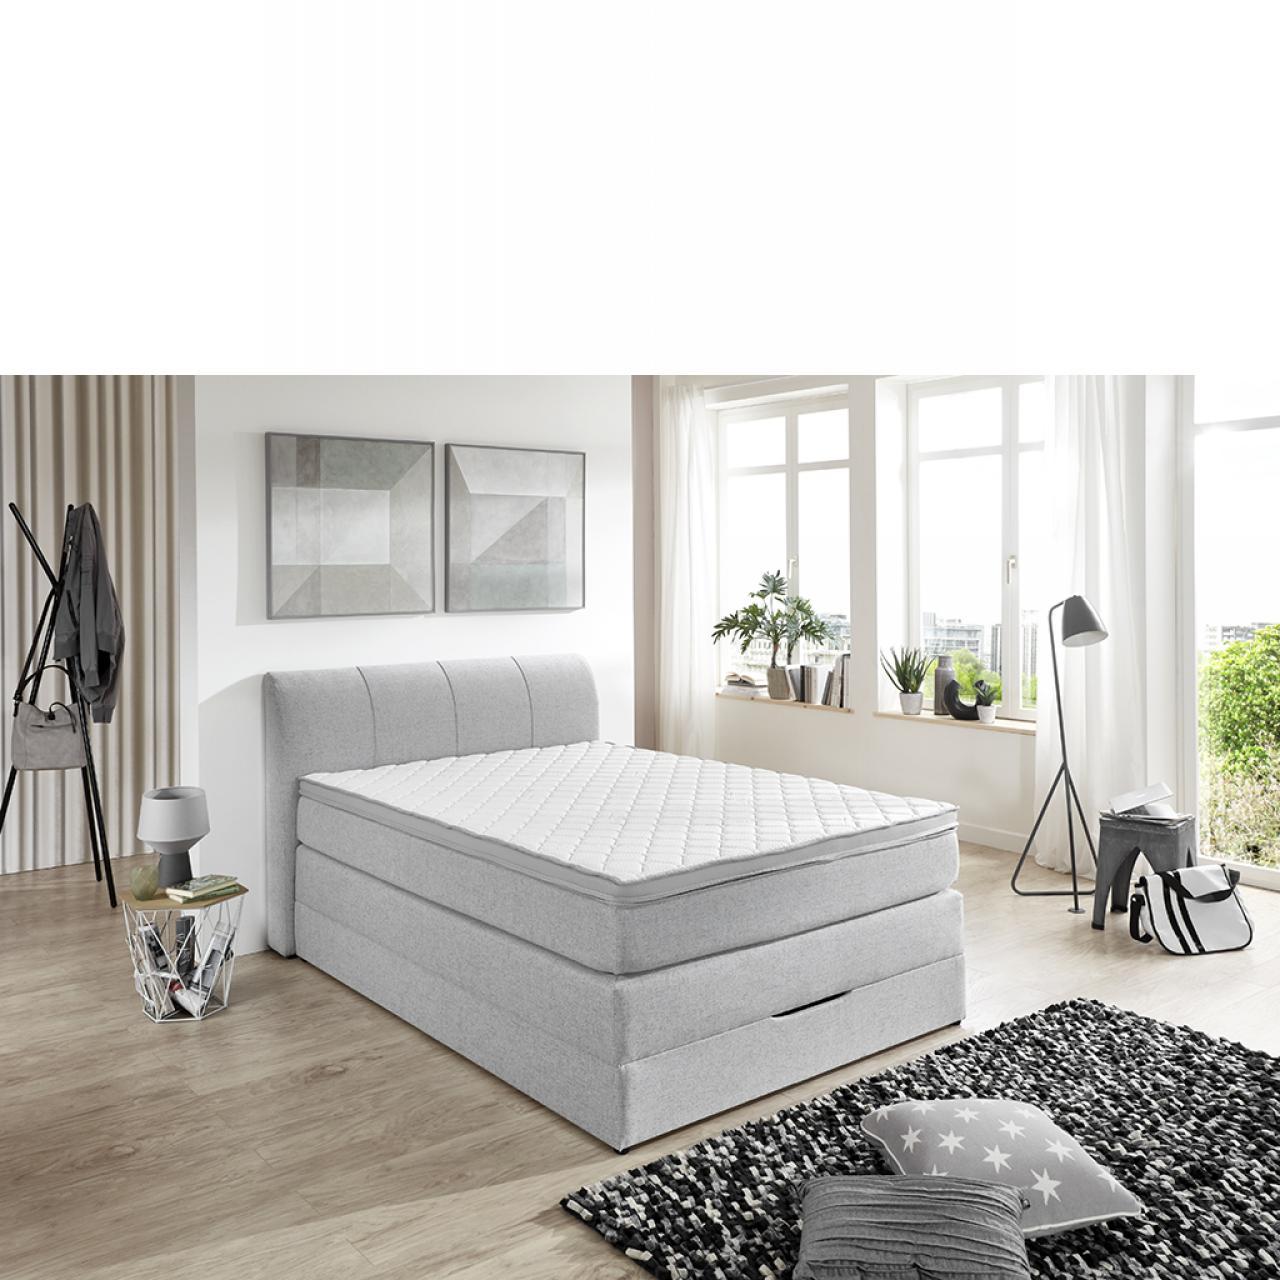 Full Size of Bett 220 X 120x190 Mit Bettkasten Selber Bauen 180x200 Rattan Betten 140x200 Weiß Einfaches Weißer Esstisch Bette Badewannen 90x200 Kopfteil Machen Bett Bett Weiß 100x200